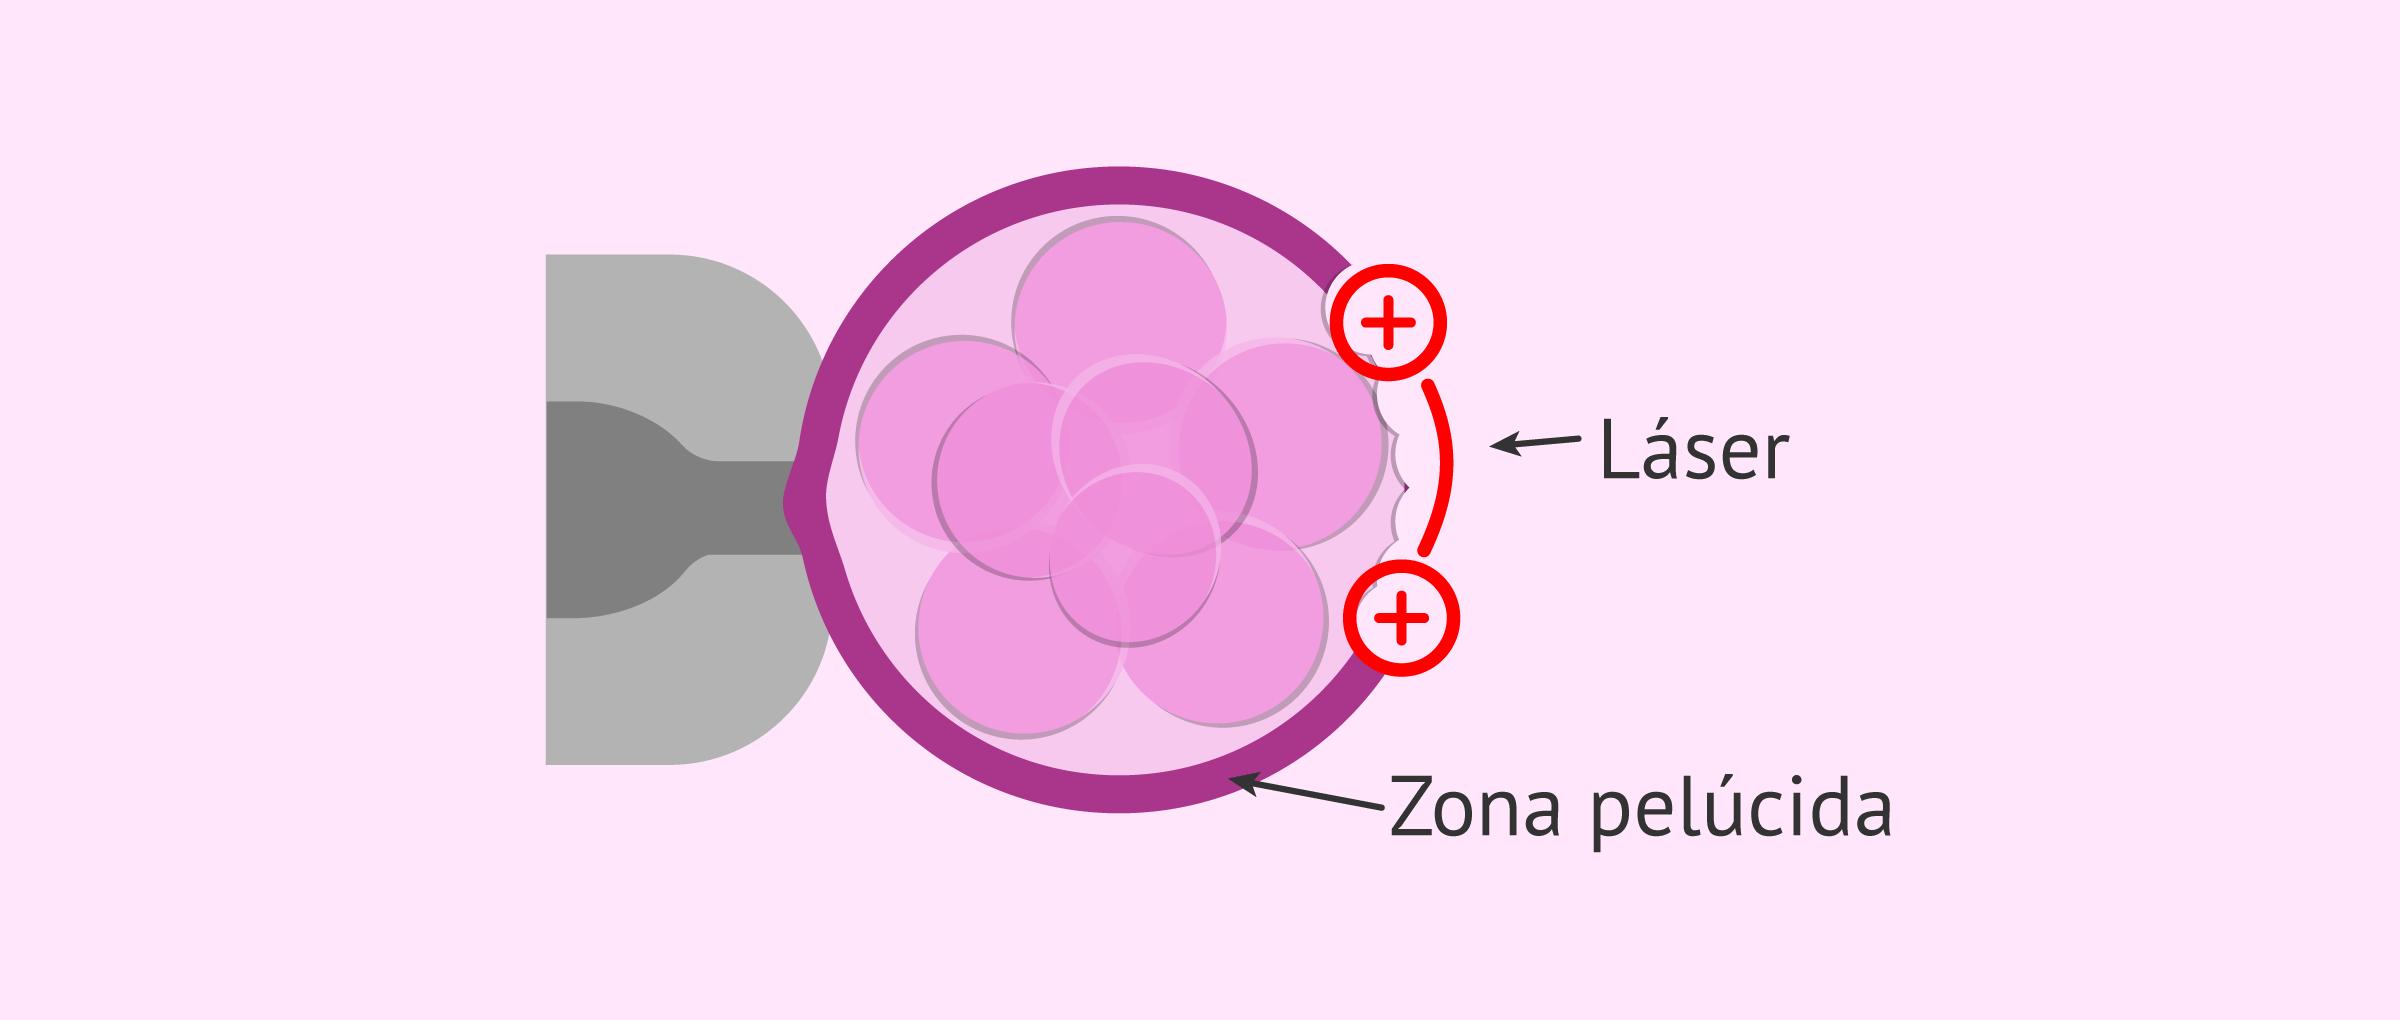 Eclosión asistida por láser